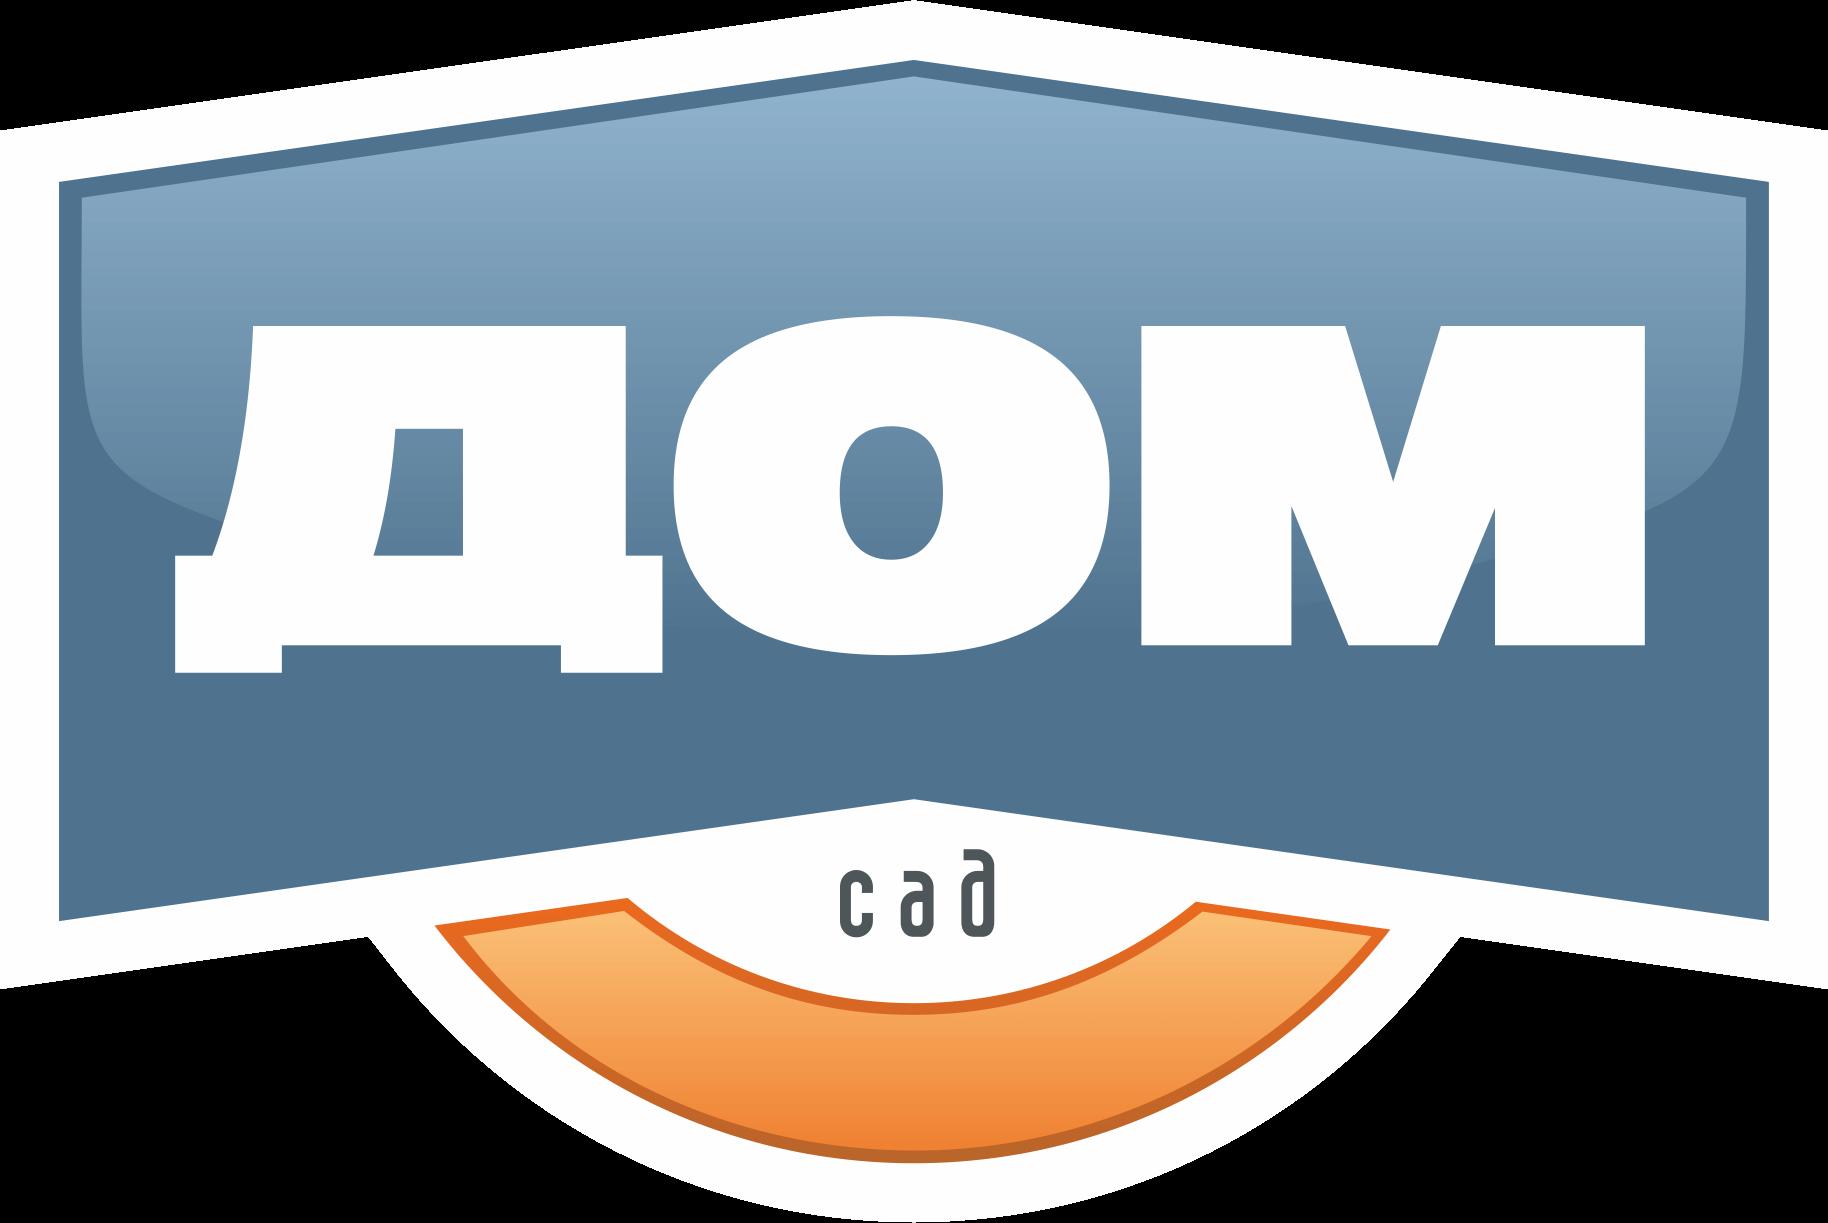 Счетчик ITELMA Ду15 1/2 110мм горячая вода купить в Екатеринбурге в интернет-магазине ДОМ